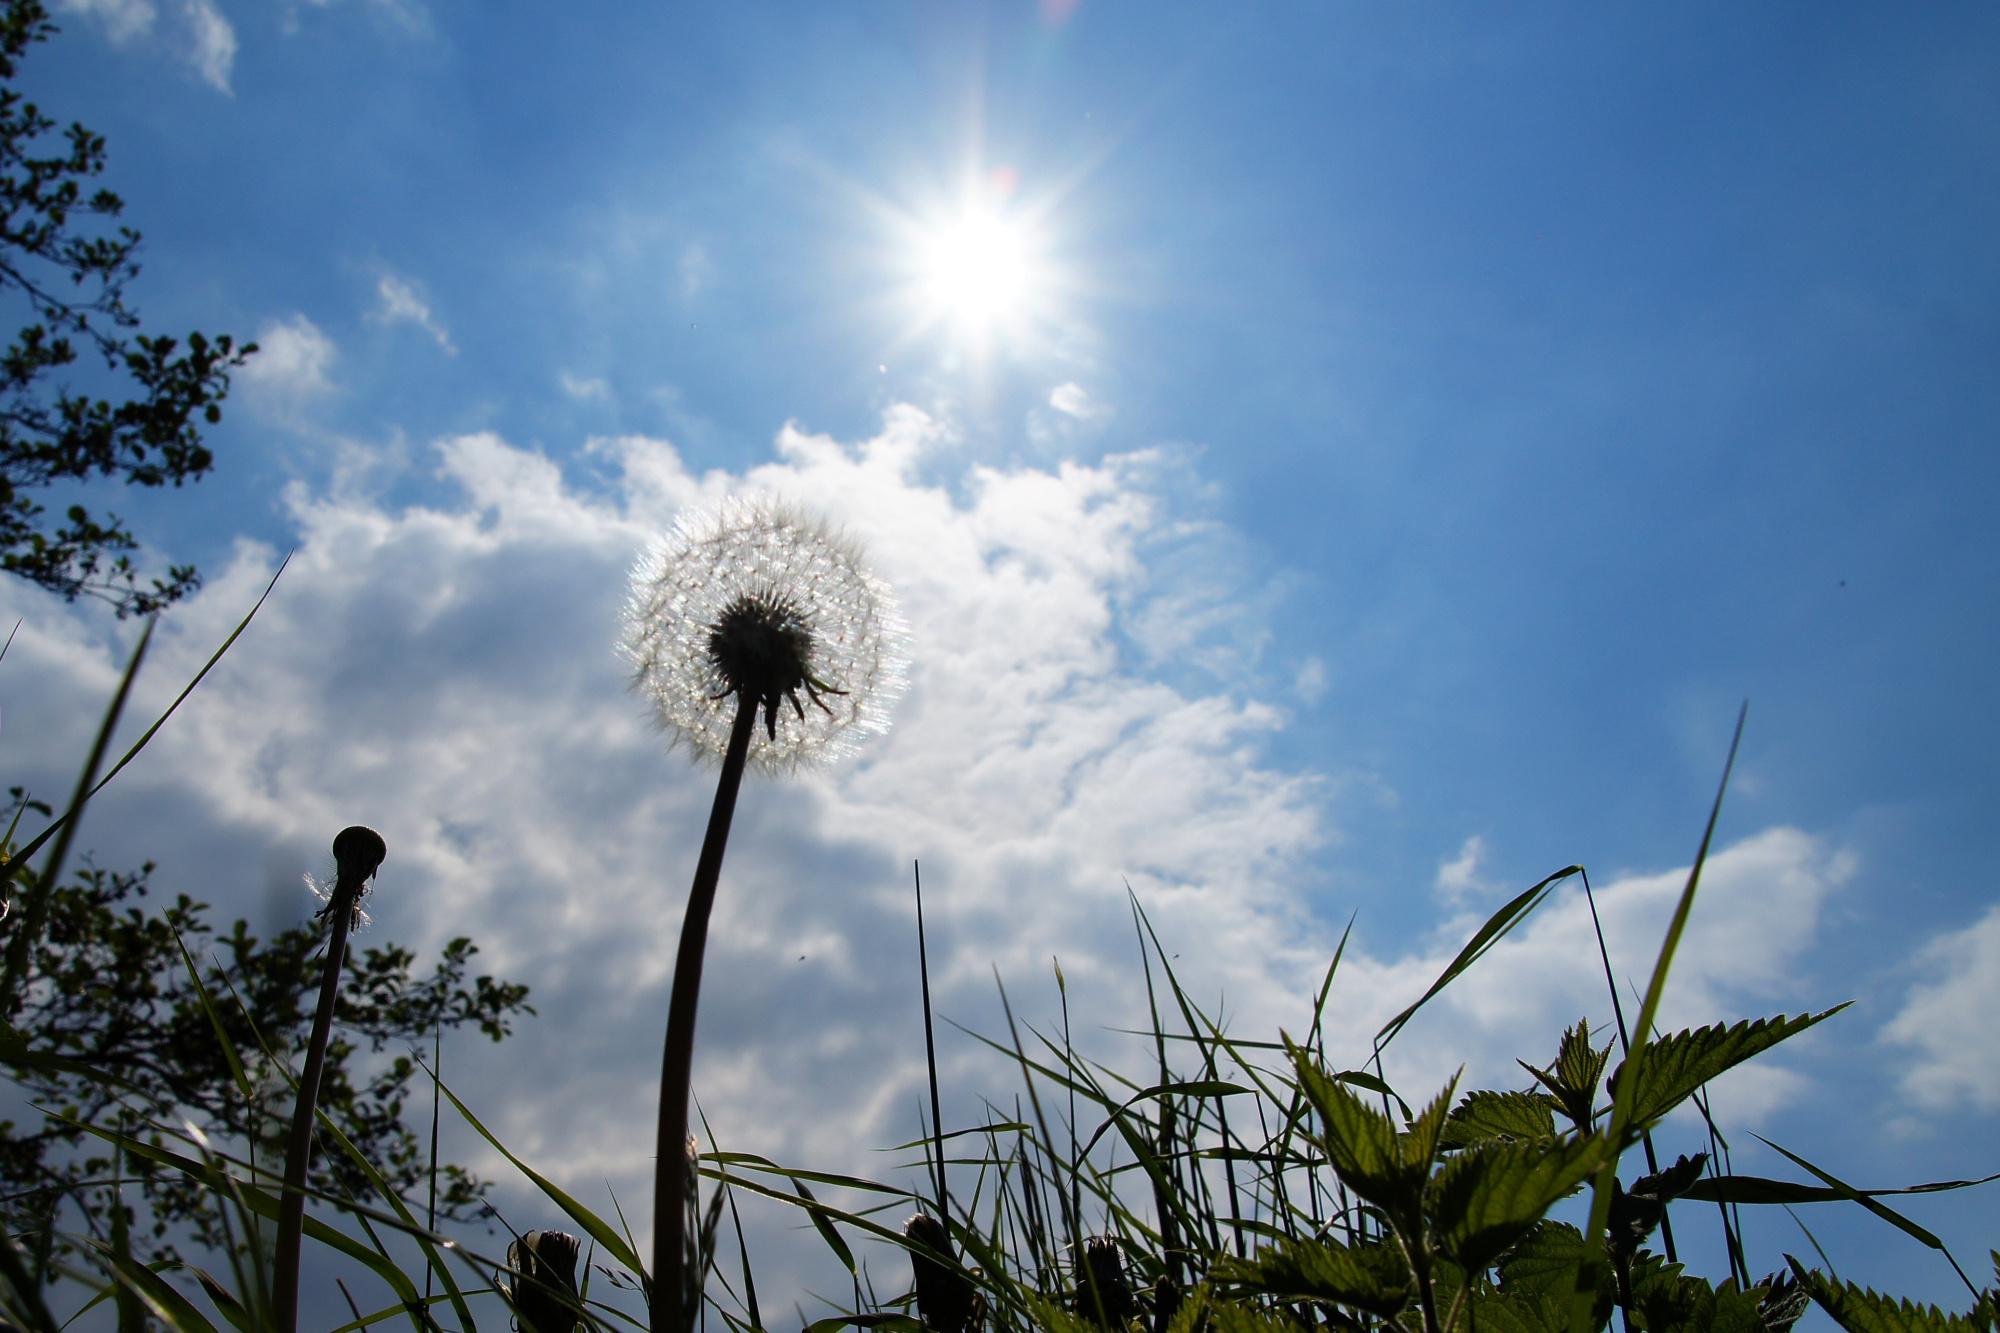 Pusteblume wächst in den Himmel in Niederklütz